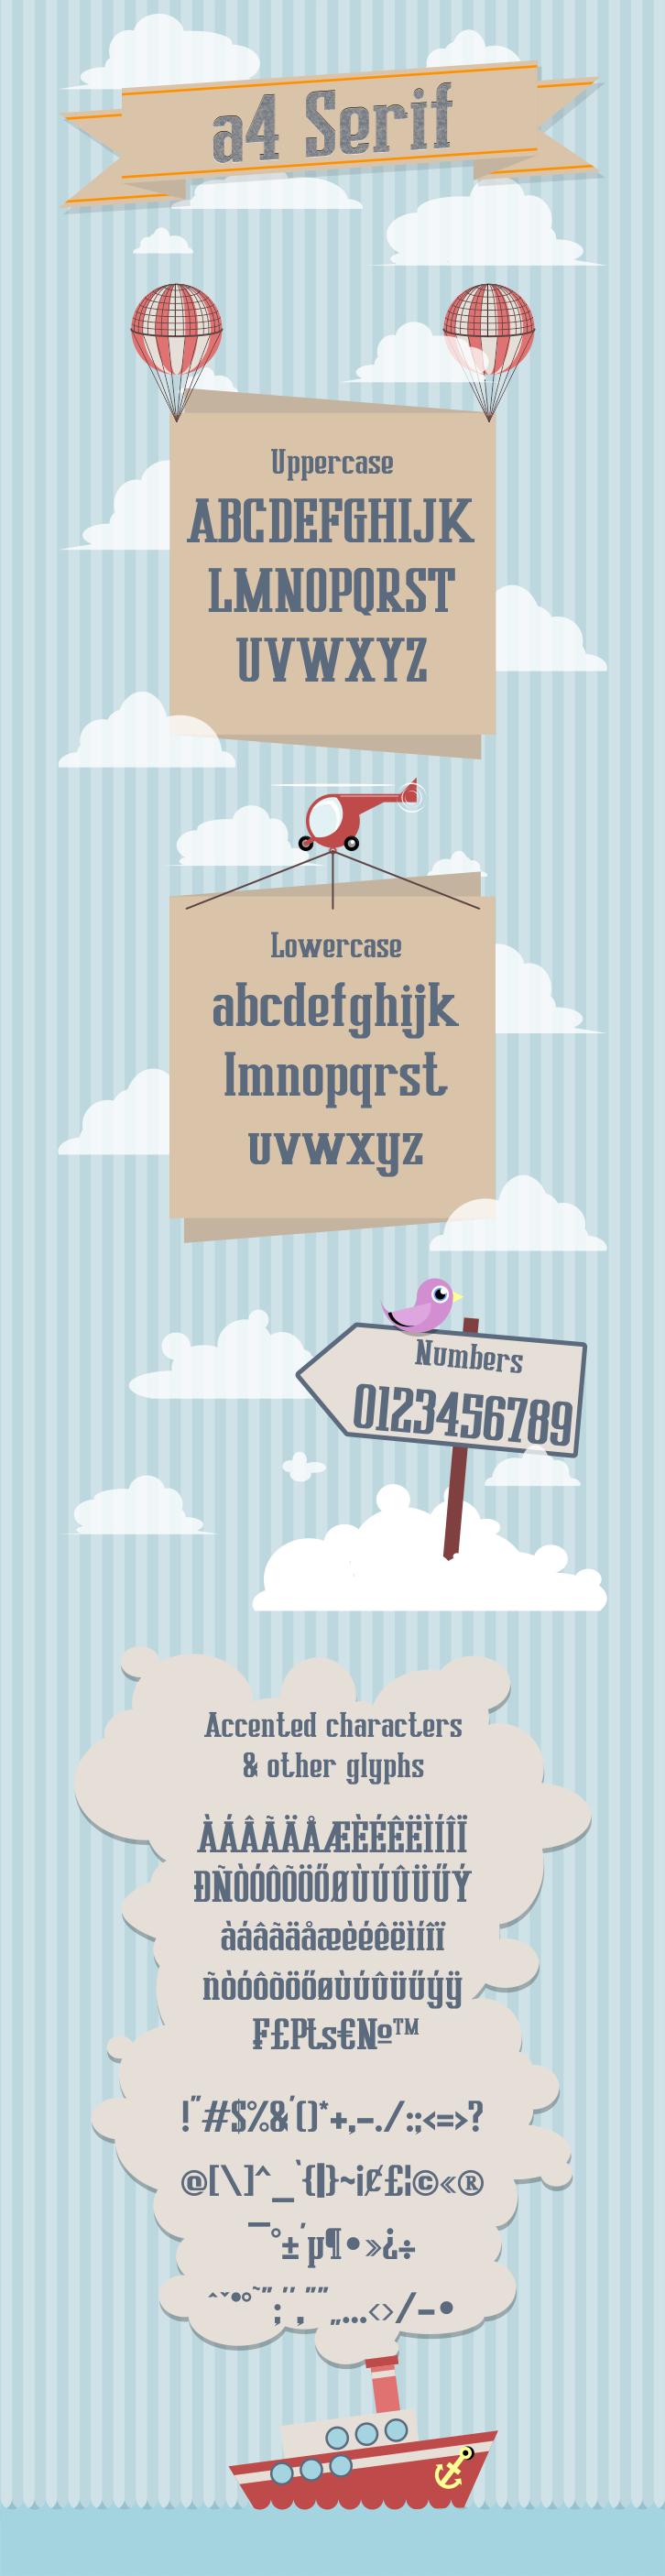 A4 Serif - Free font